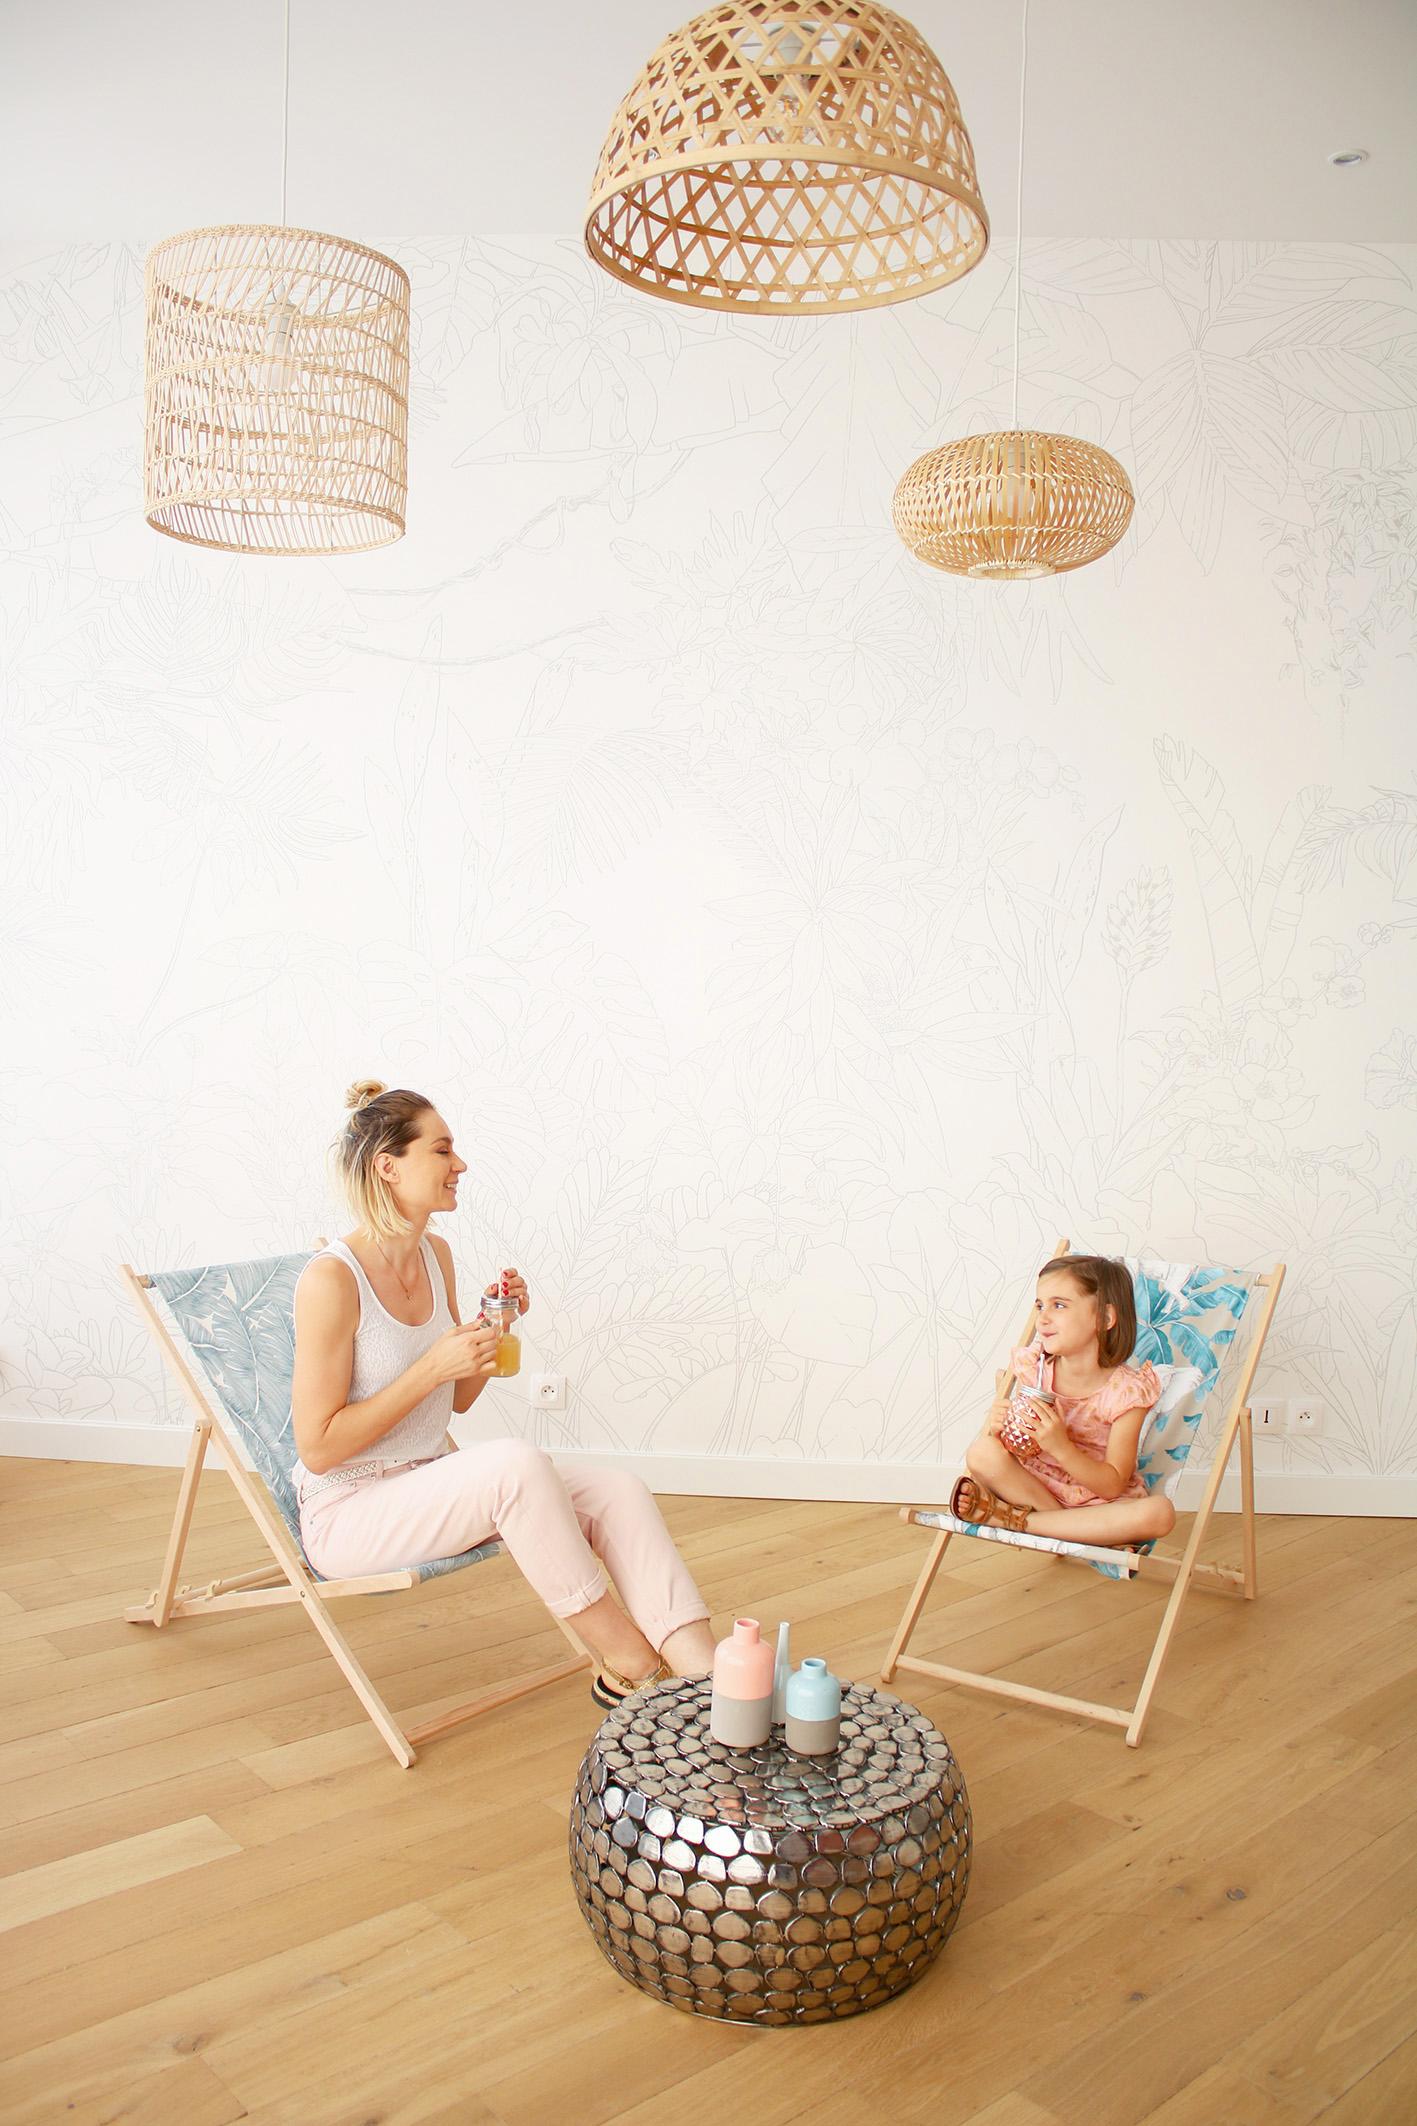 Comment Restaurer Une Chaise En Bois diy chaise longue en tissu tropicale - blog diy mode lyon